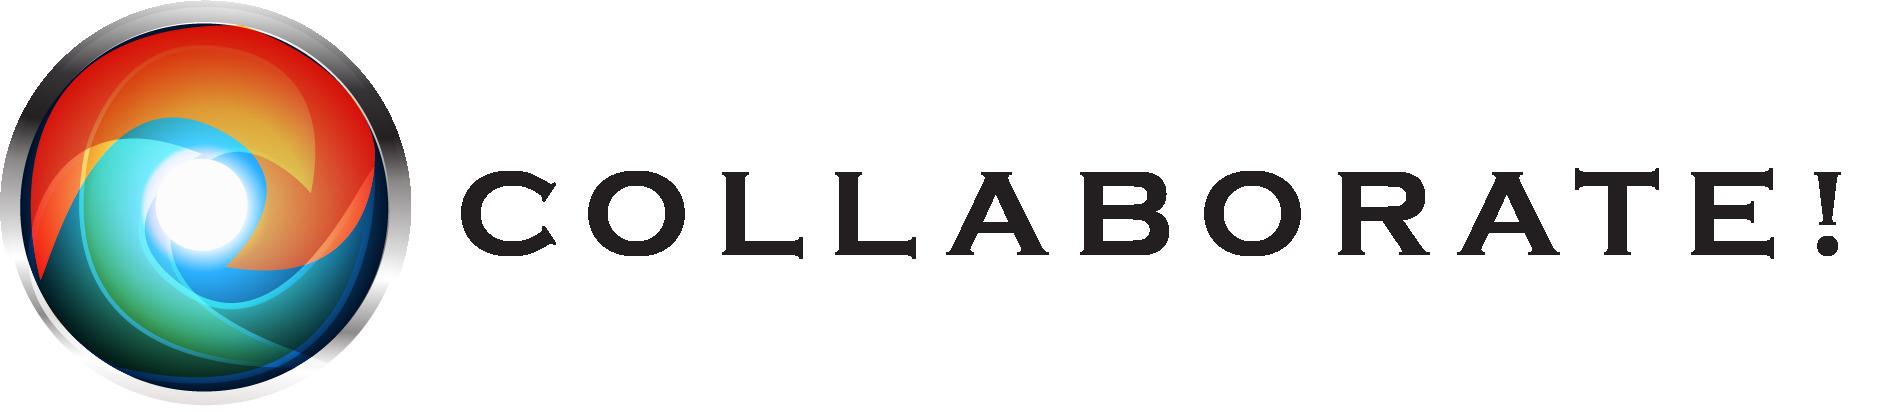 Collaborative-Vision